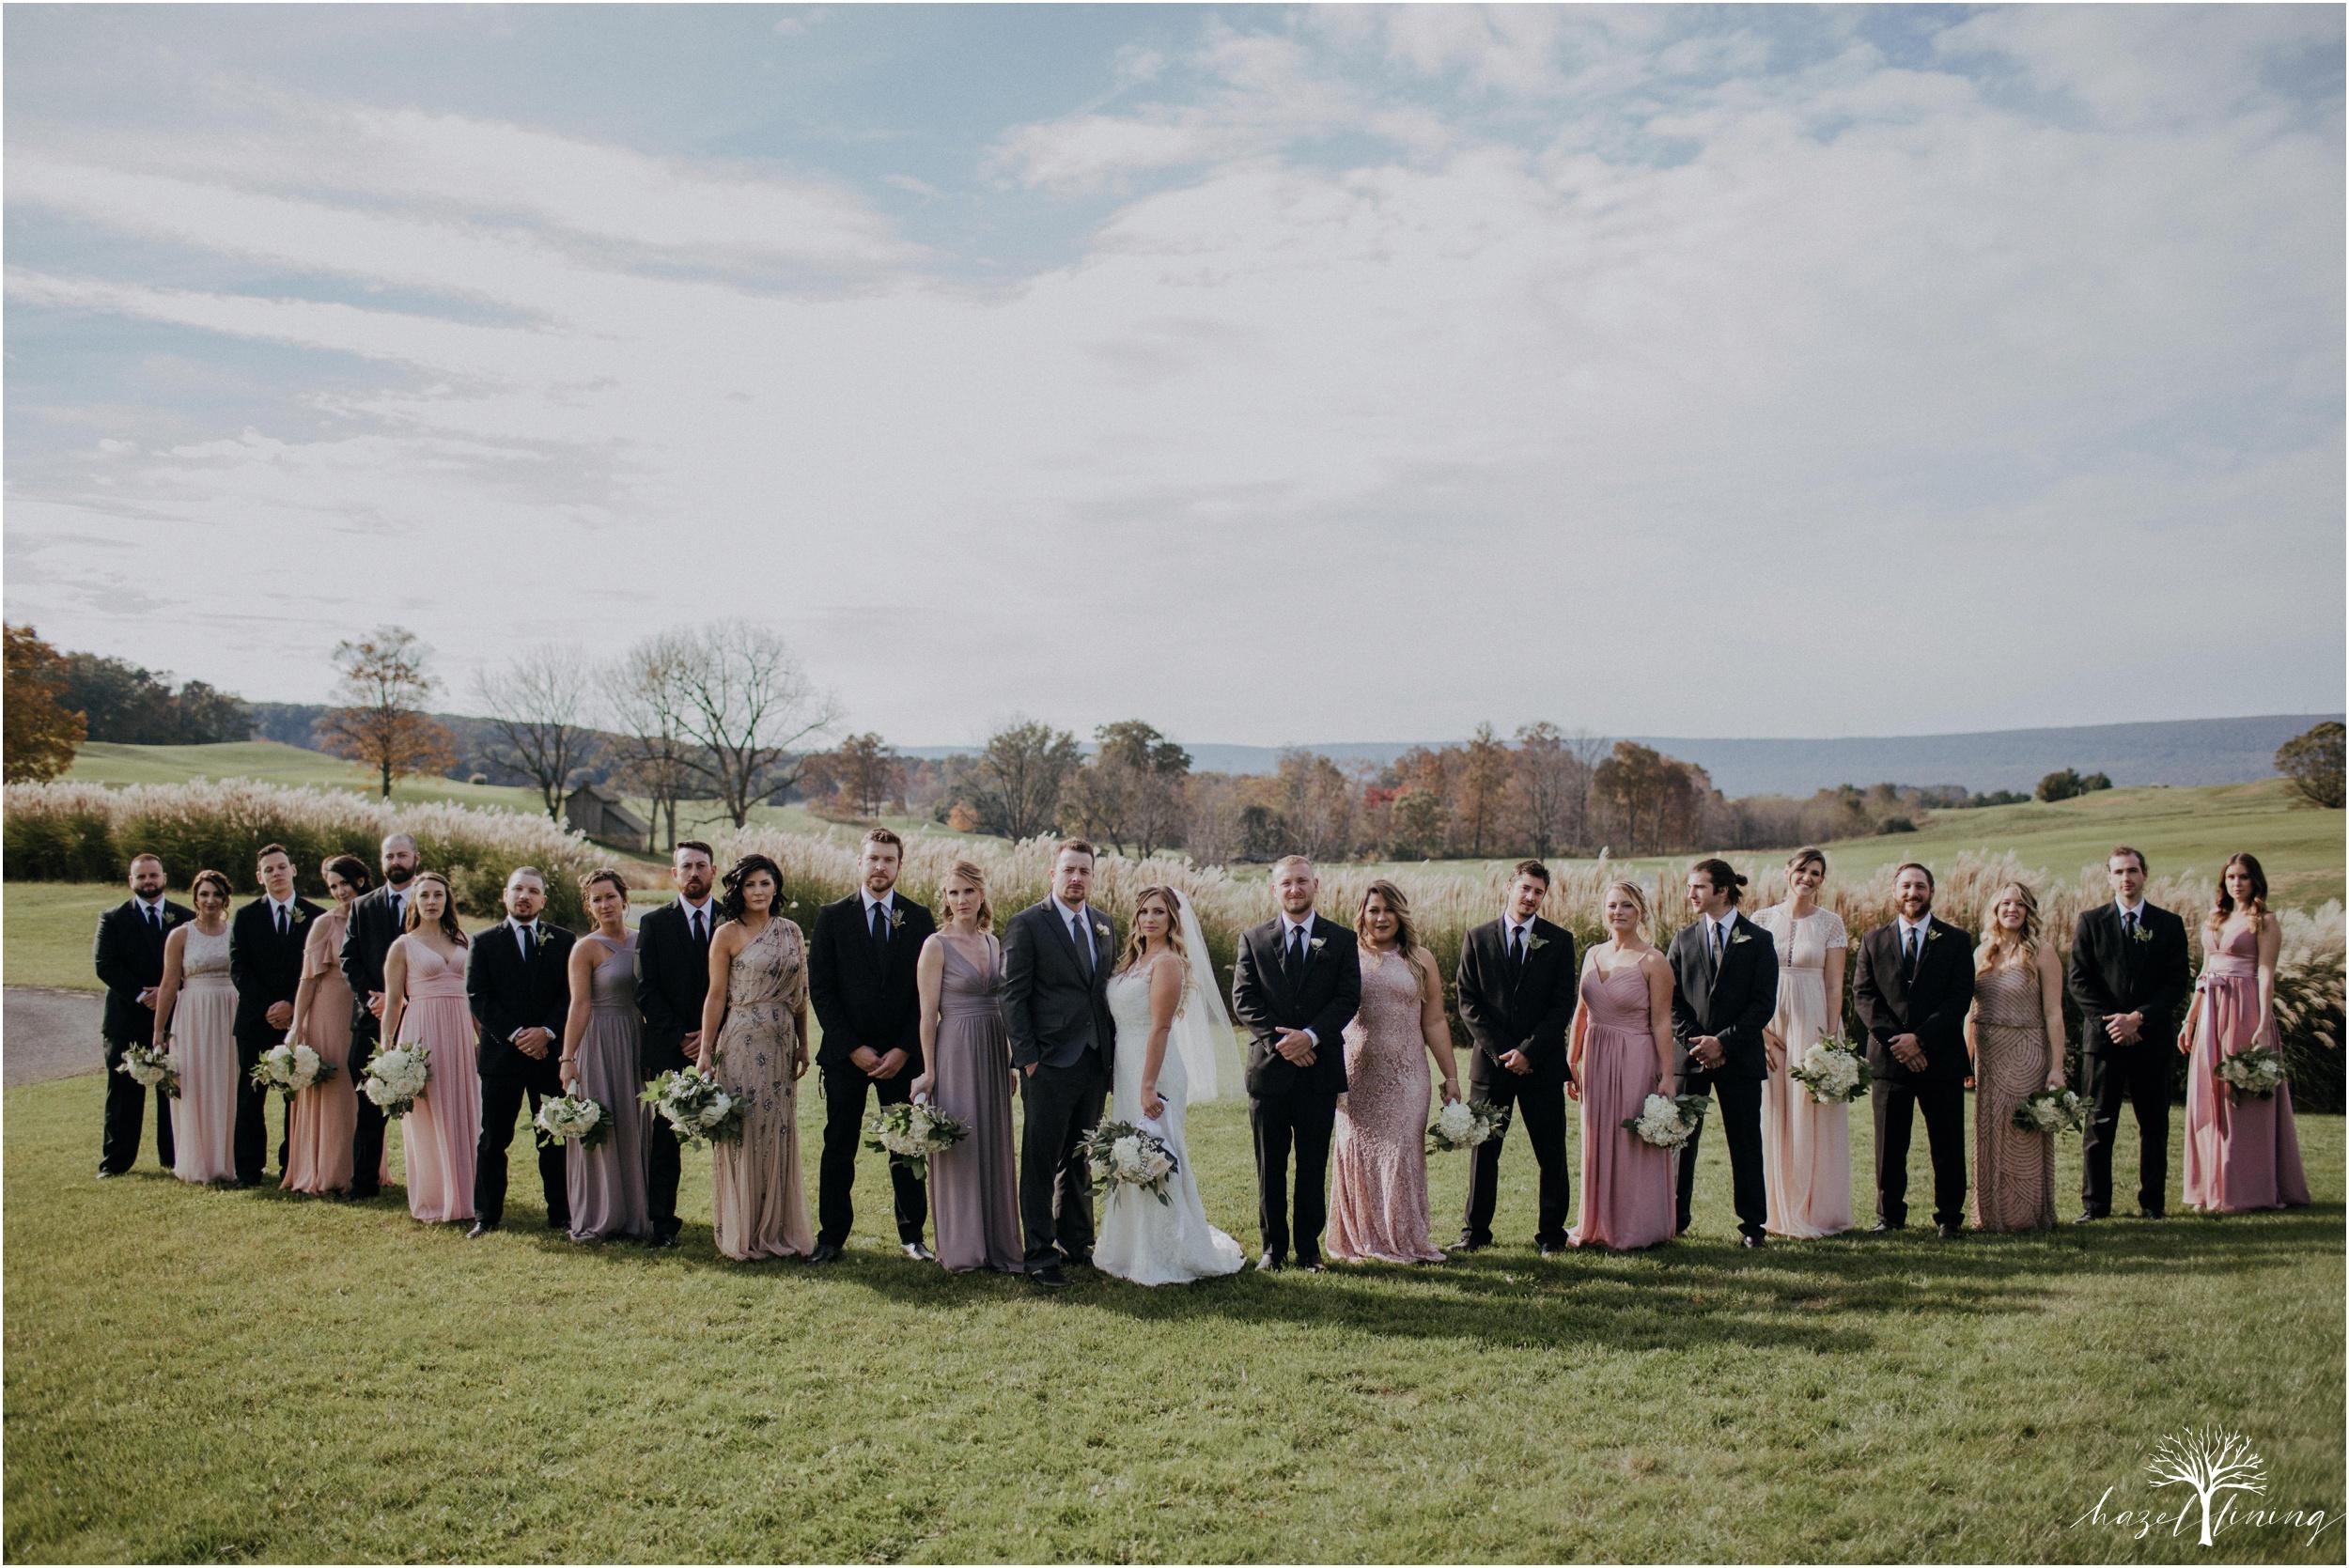 jessie-martin-zach-umlauf-olde-homestead-golfclub-outdoor-autumn-wedding_0086.jpg